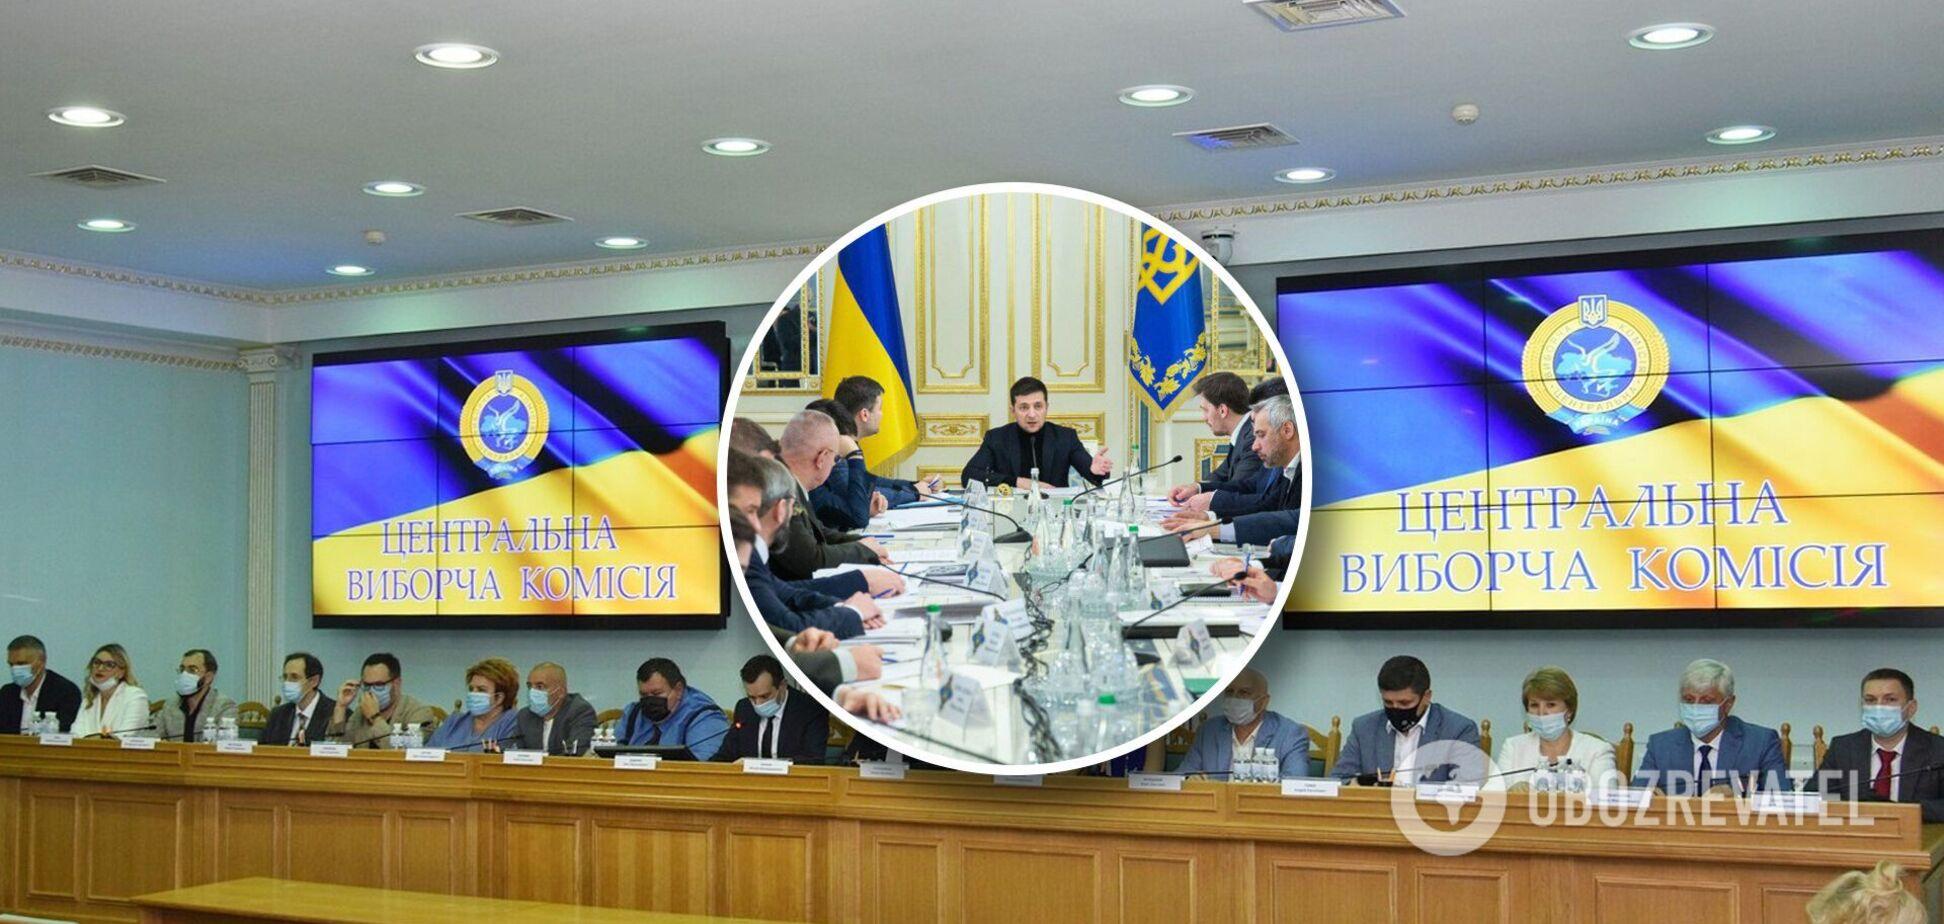 6 ноября истек конечный срок, когда ЦИК должна была установить и объявить результаты местных выборов